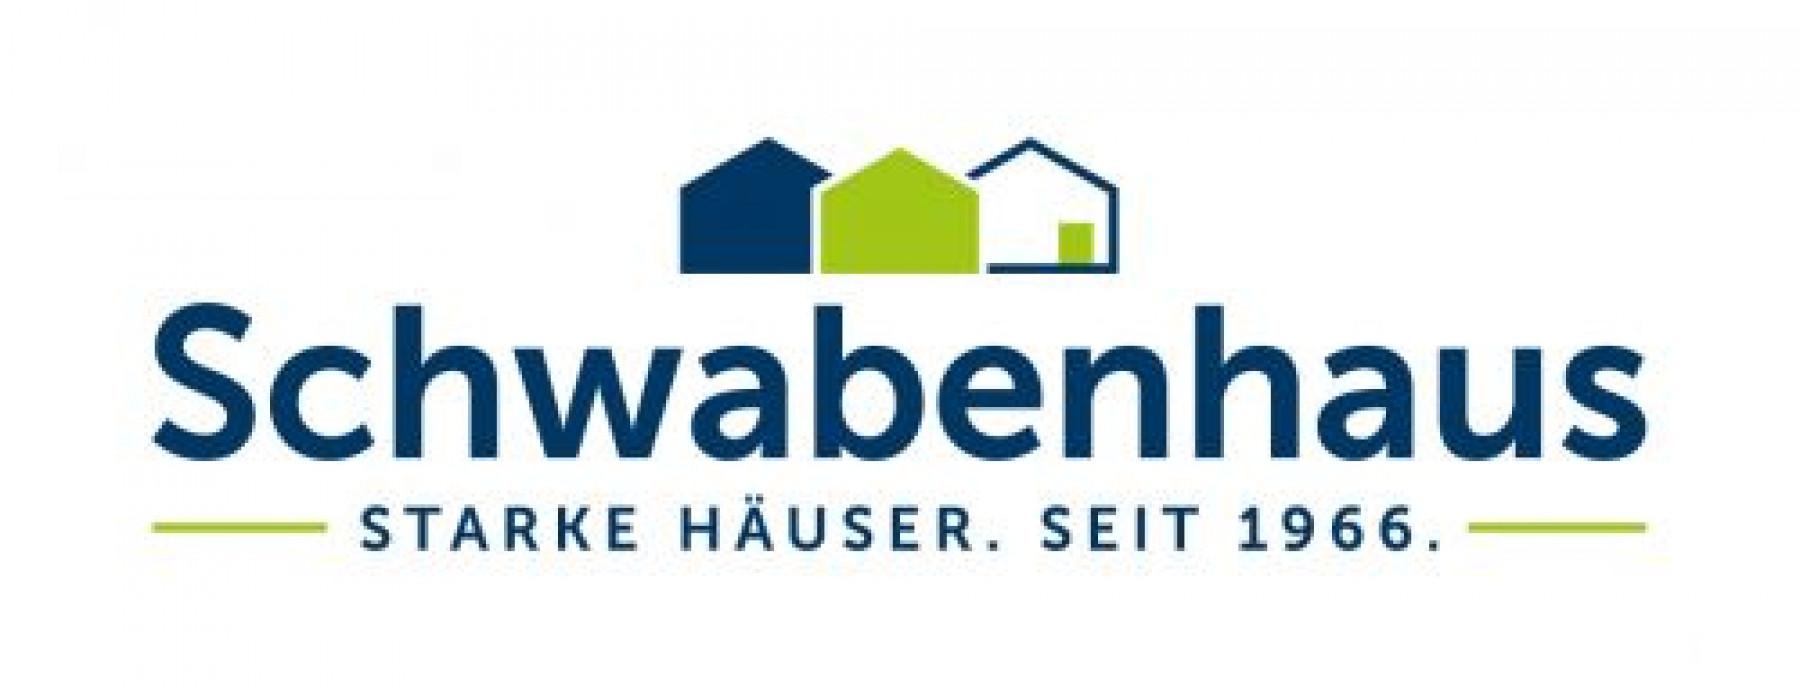 Bild Logo von: Schwabenhaus